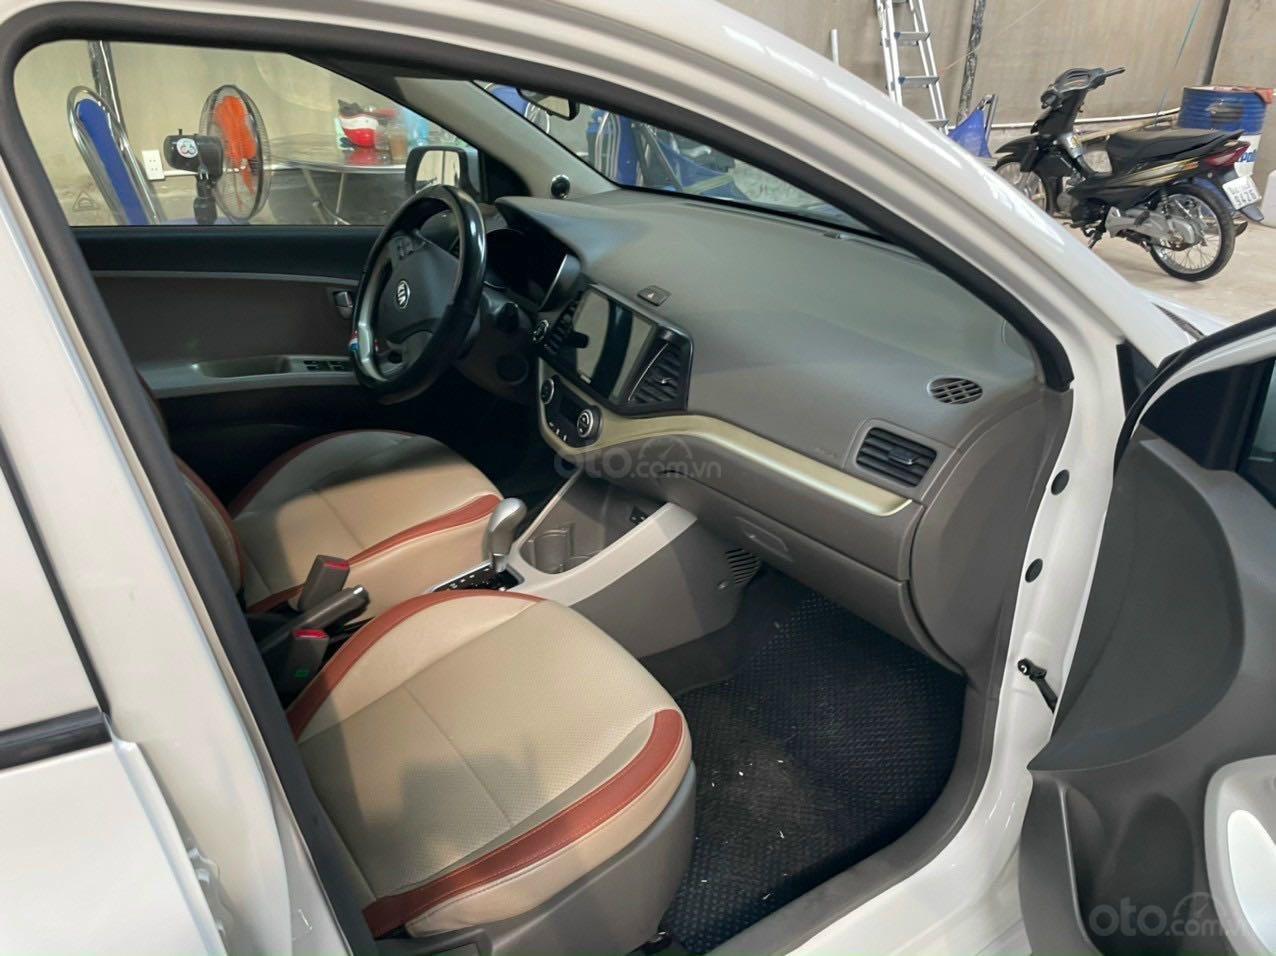 Cần bán lại xe Kia Morning năm 2018, màu trắng nhập khẩu giá tốt 369 triệu đồng (10)